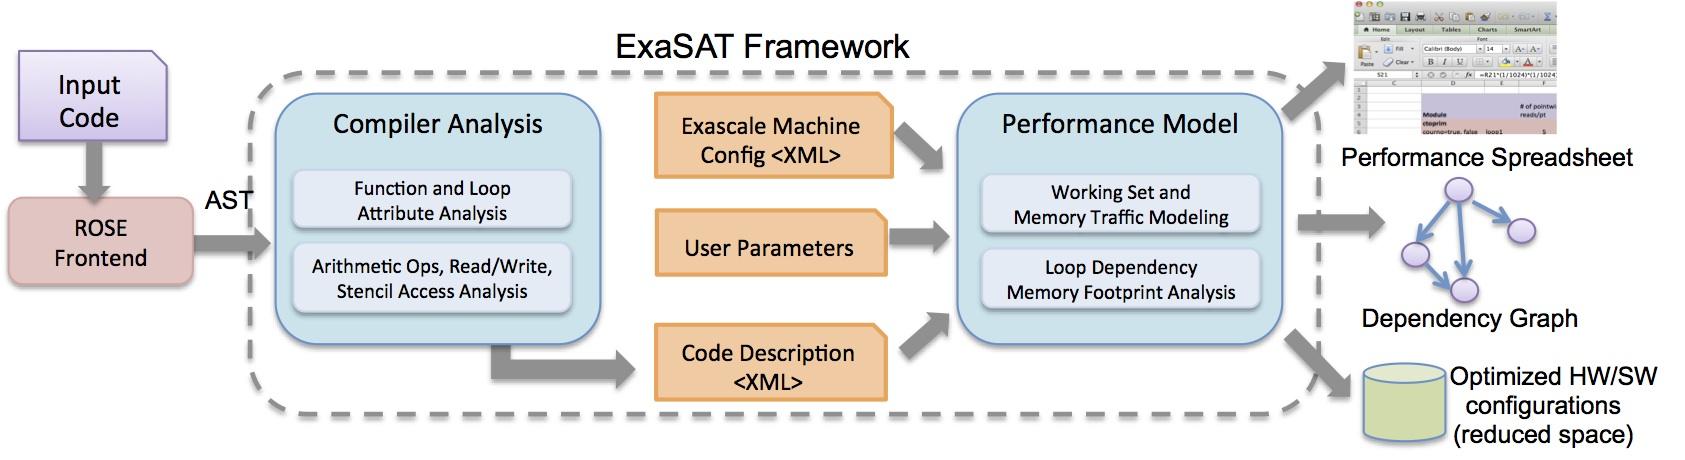 ExaSAT Framework